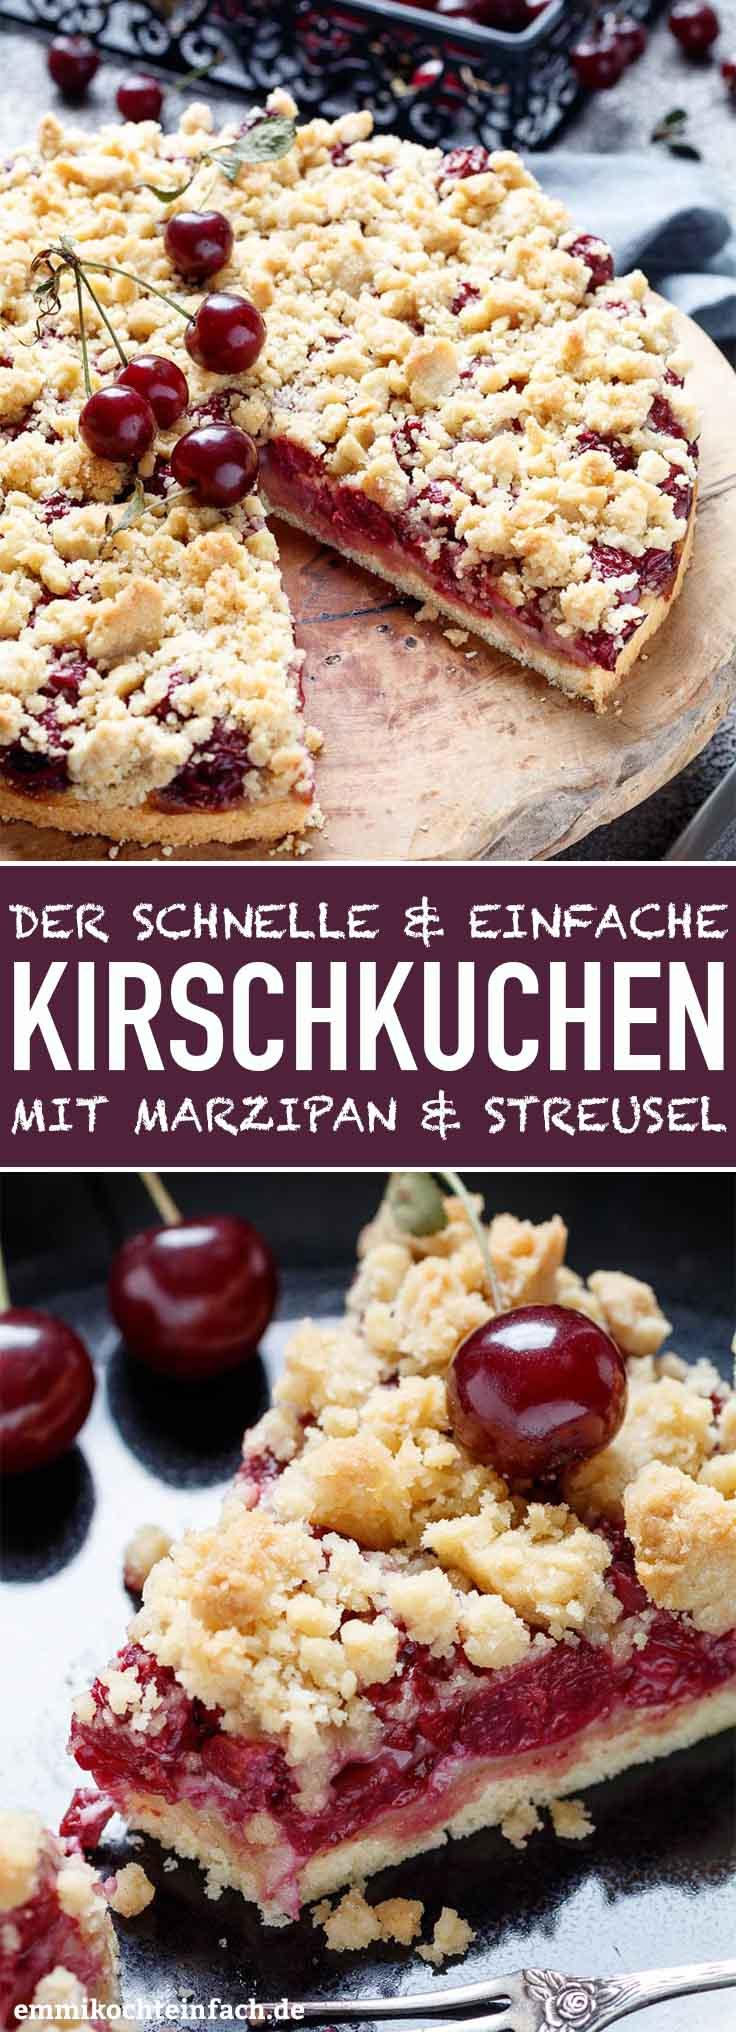 Kirschkuchen Mit Marzipan Und Streusel Emmikochteinfach